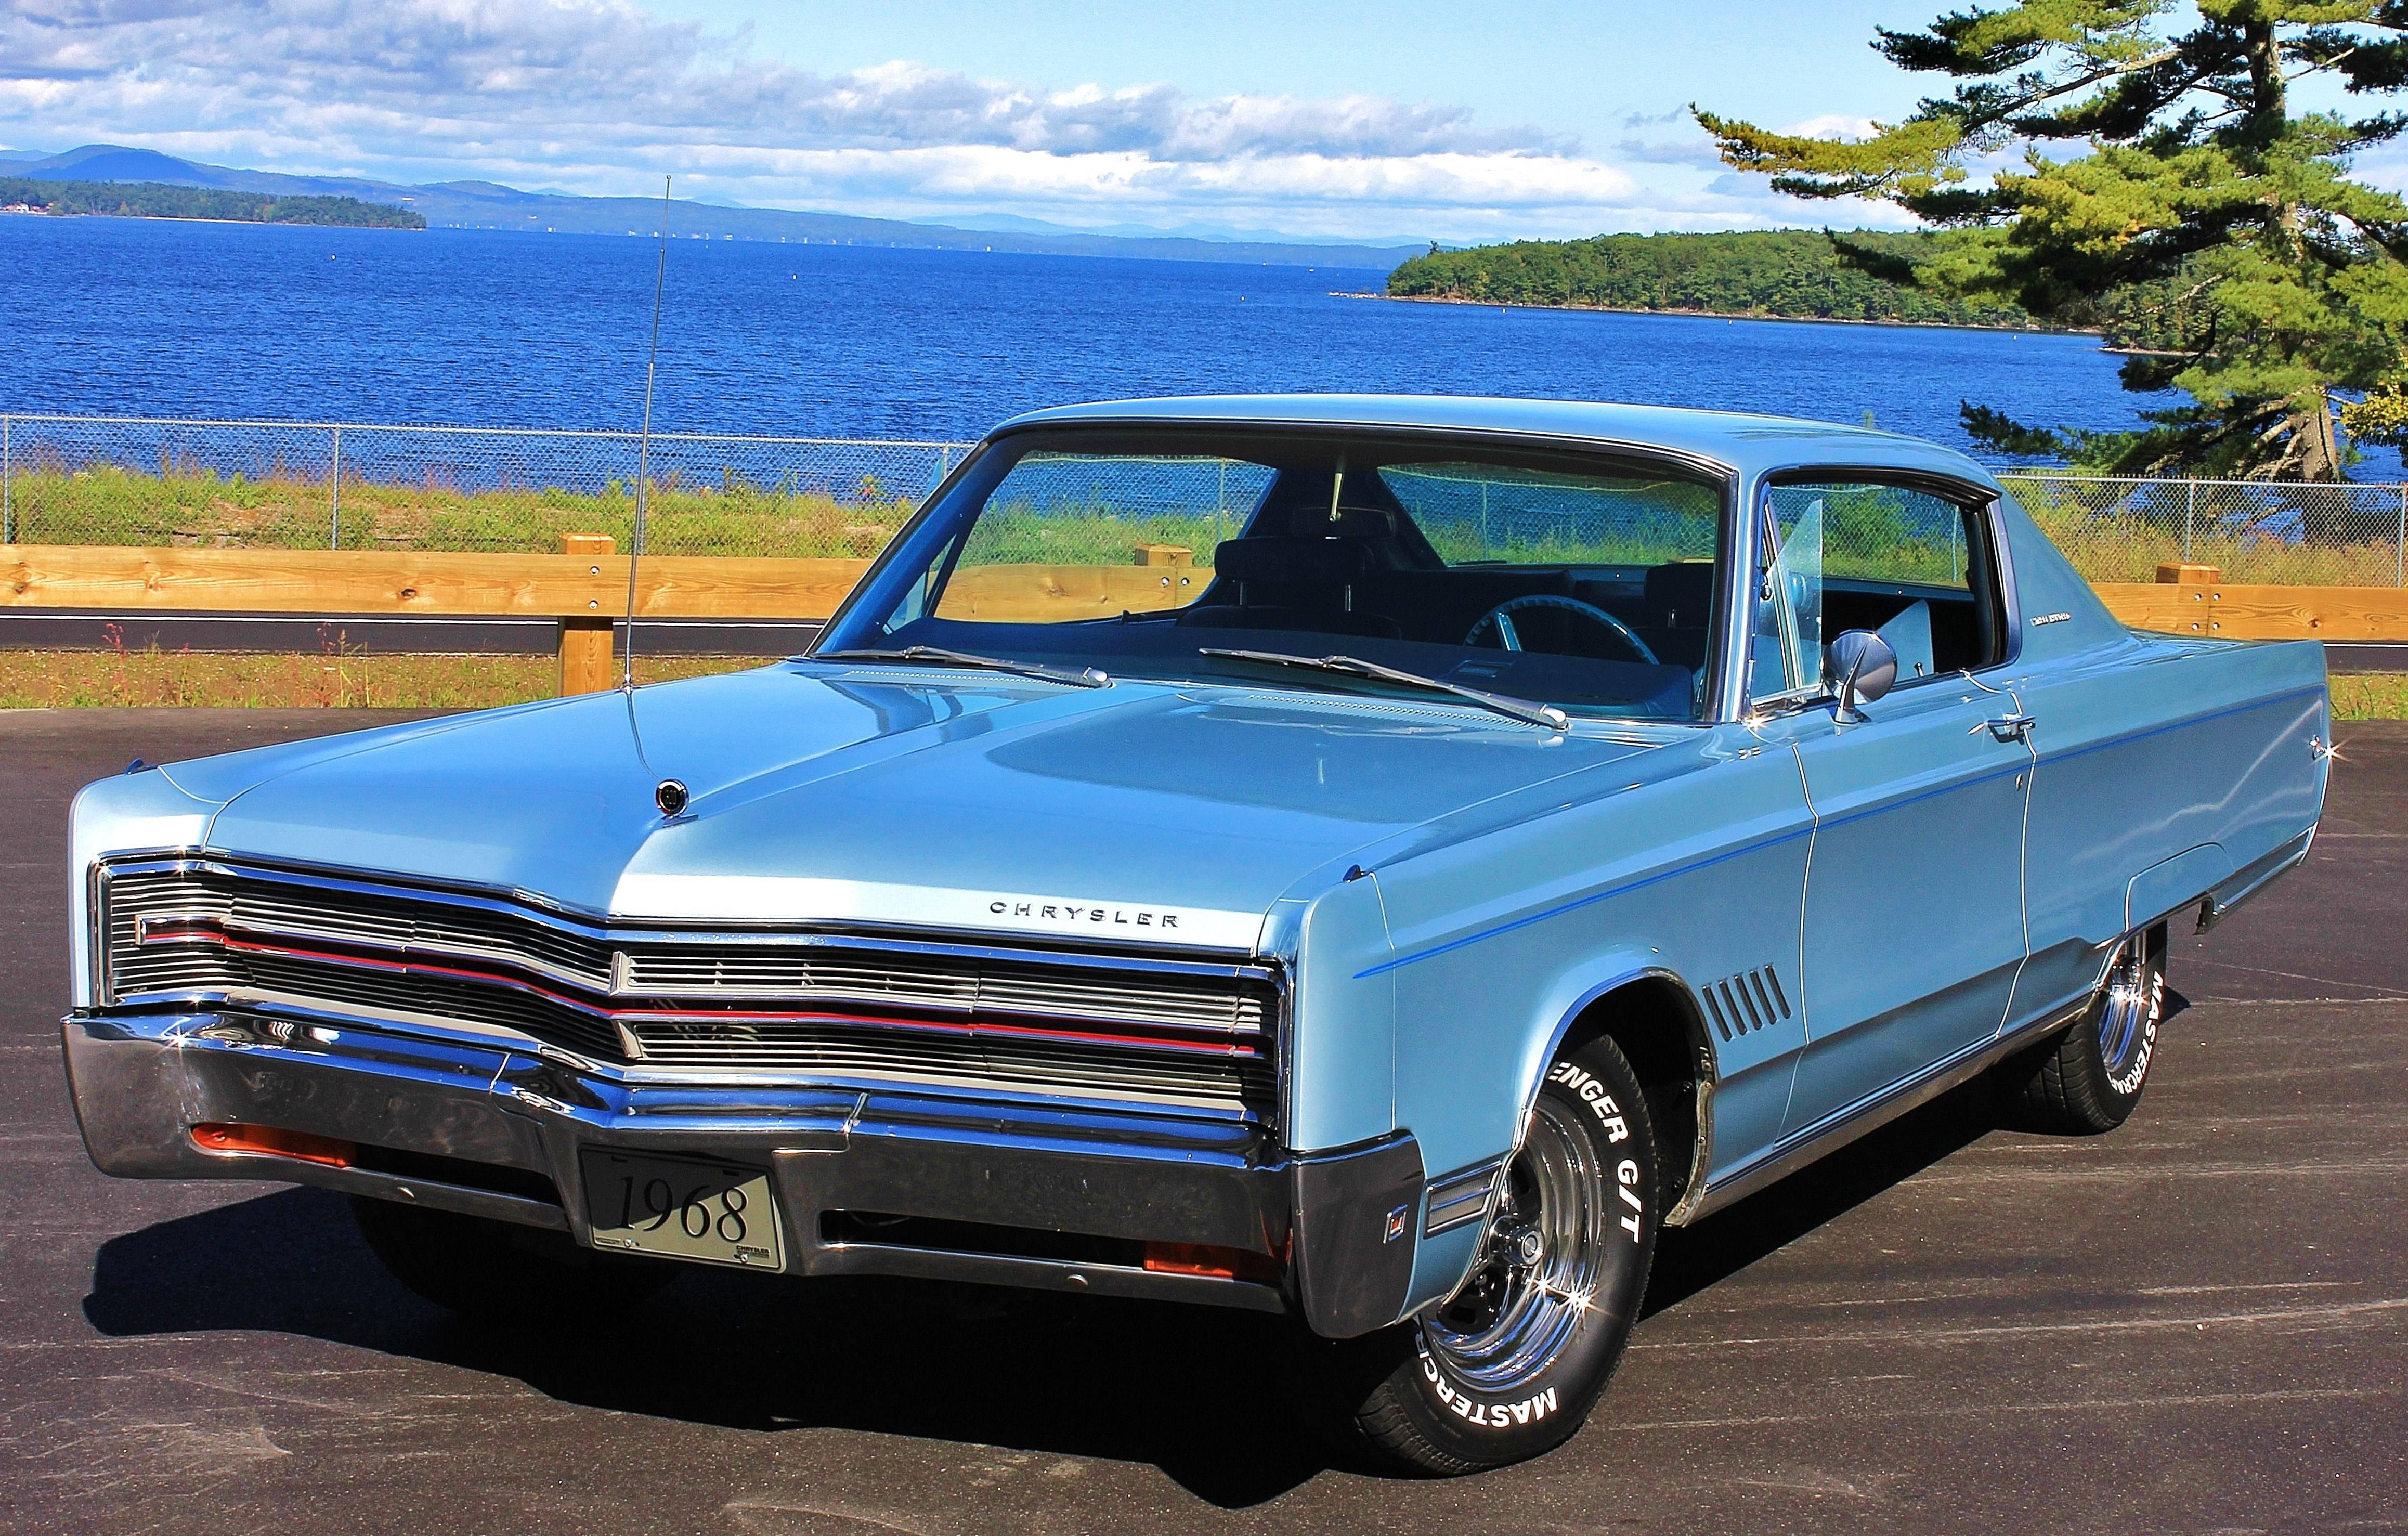 1968 Chrysler 300 sbmsl5.JPG